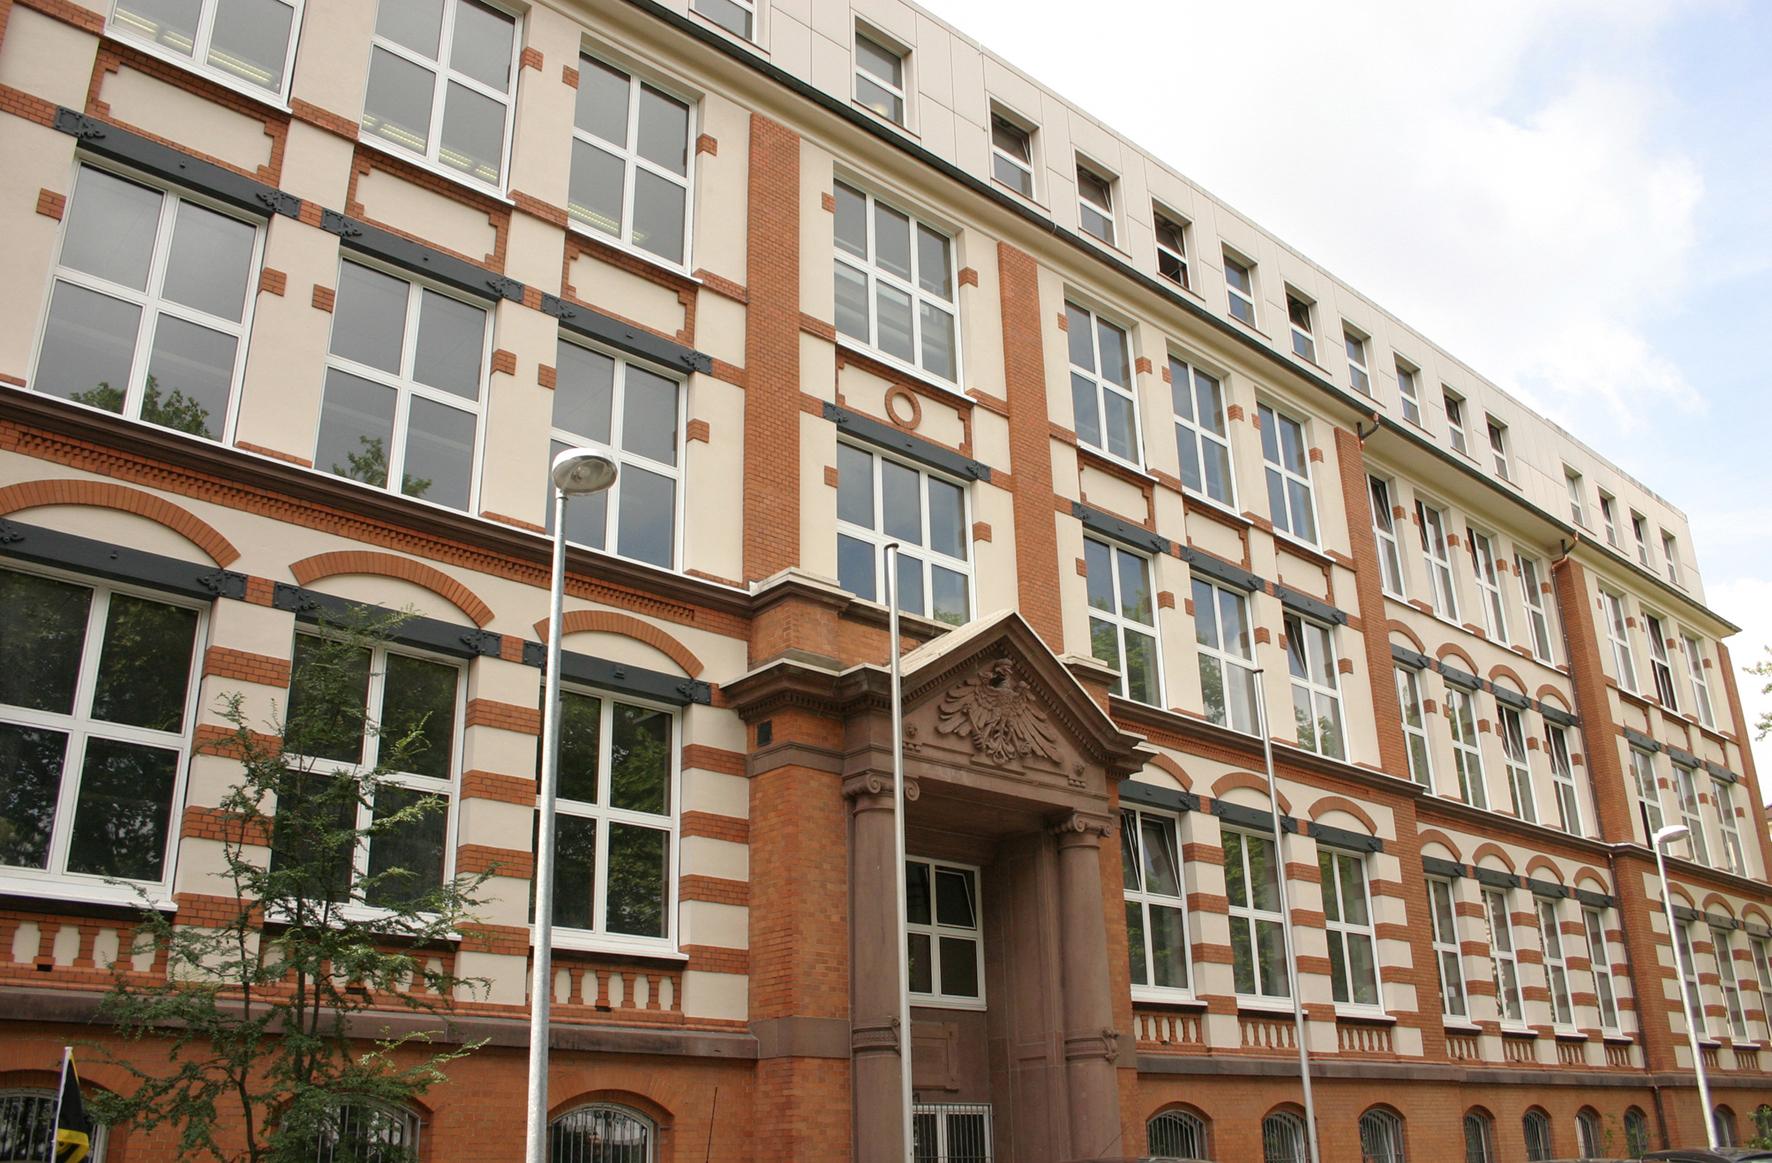 File Fachhochschule Dortmund Historische Ansicht Jpg Wikimedia Commons